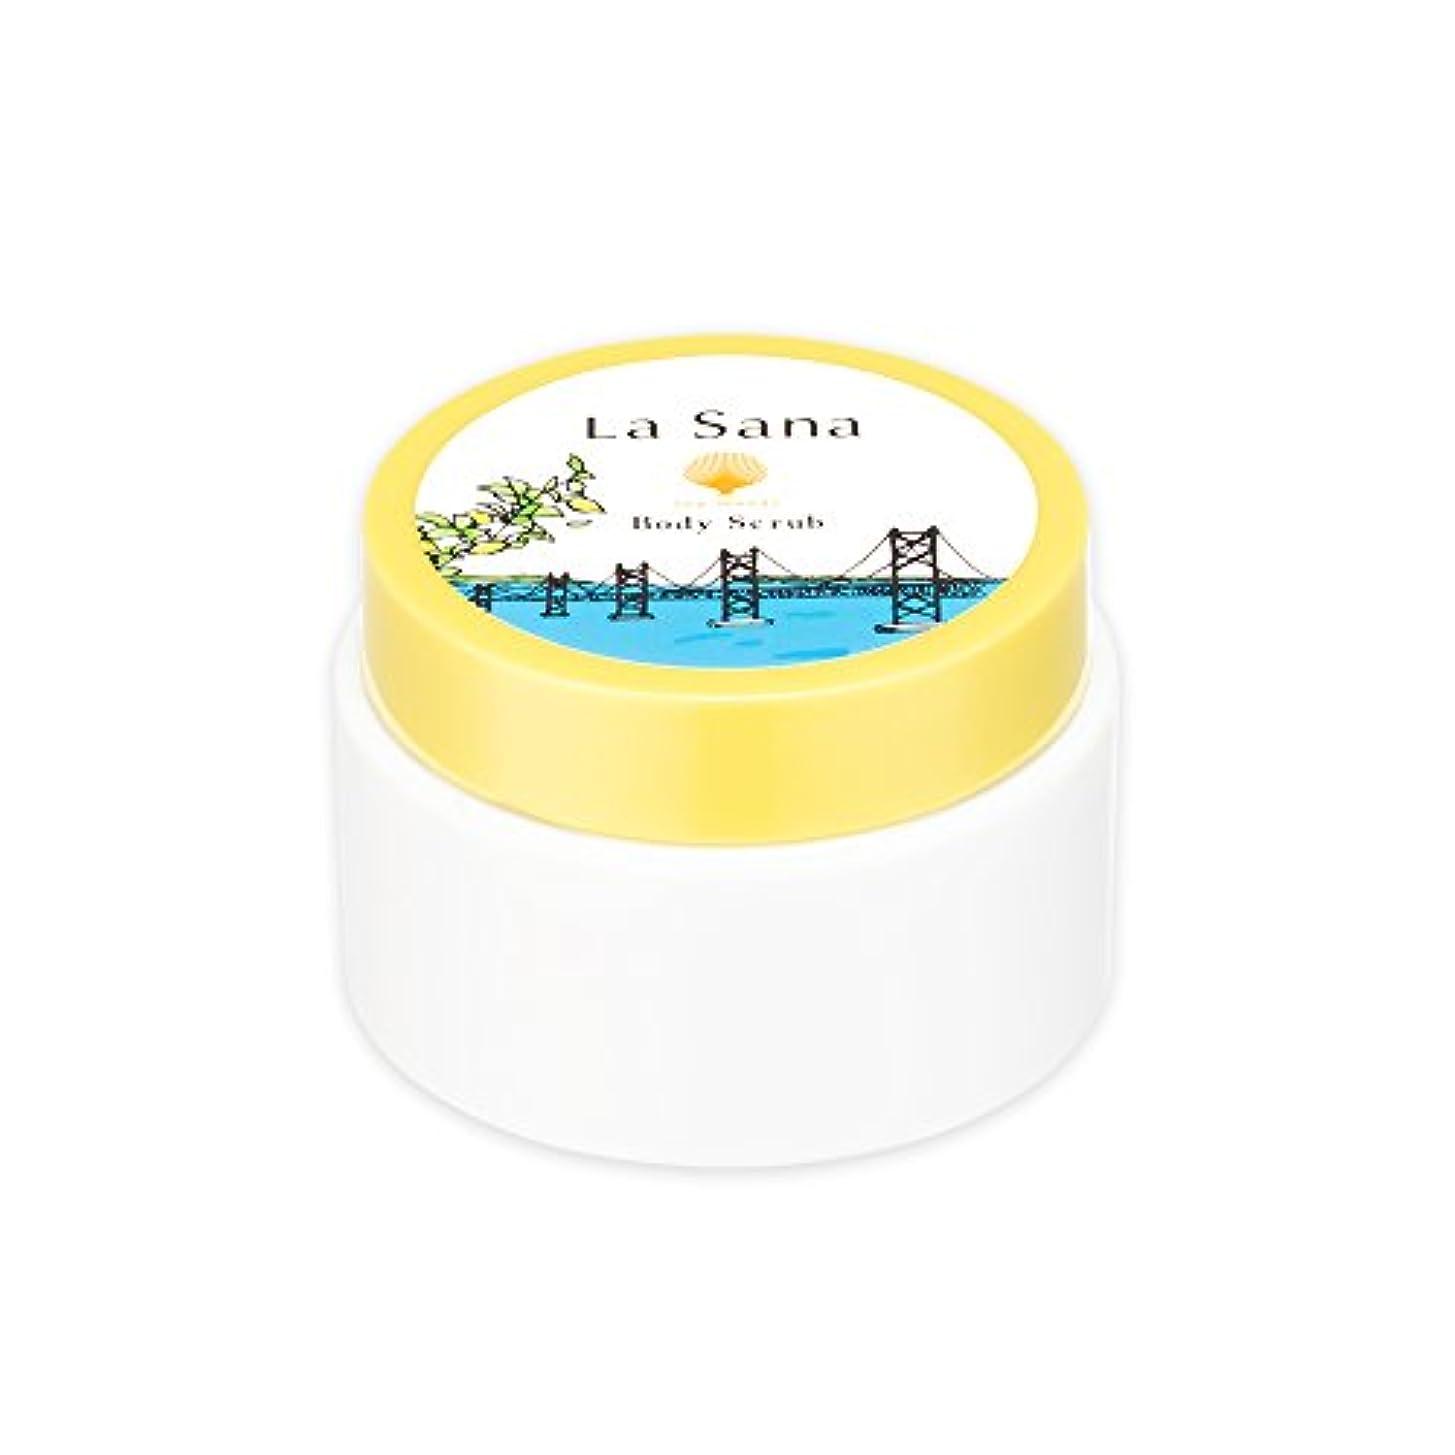 毎年訪問身元ラサーナ La sana 海藻 ボディ スクラブ 100g 限定 瀬戸内レモンの香り ボディケア 日本製 (約1ヵ月分)